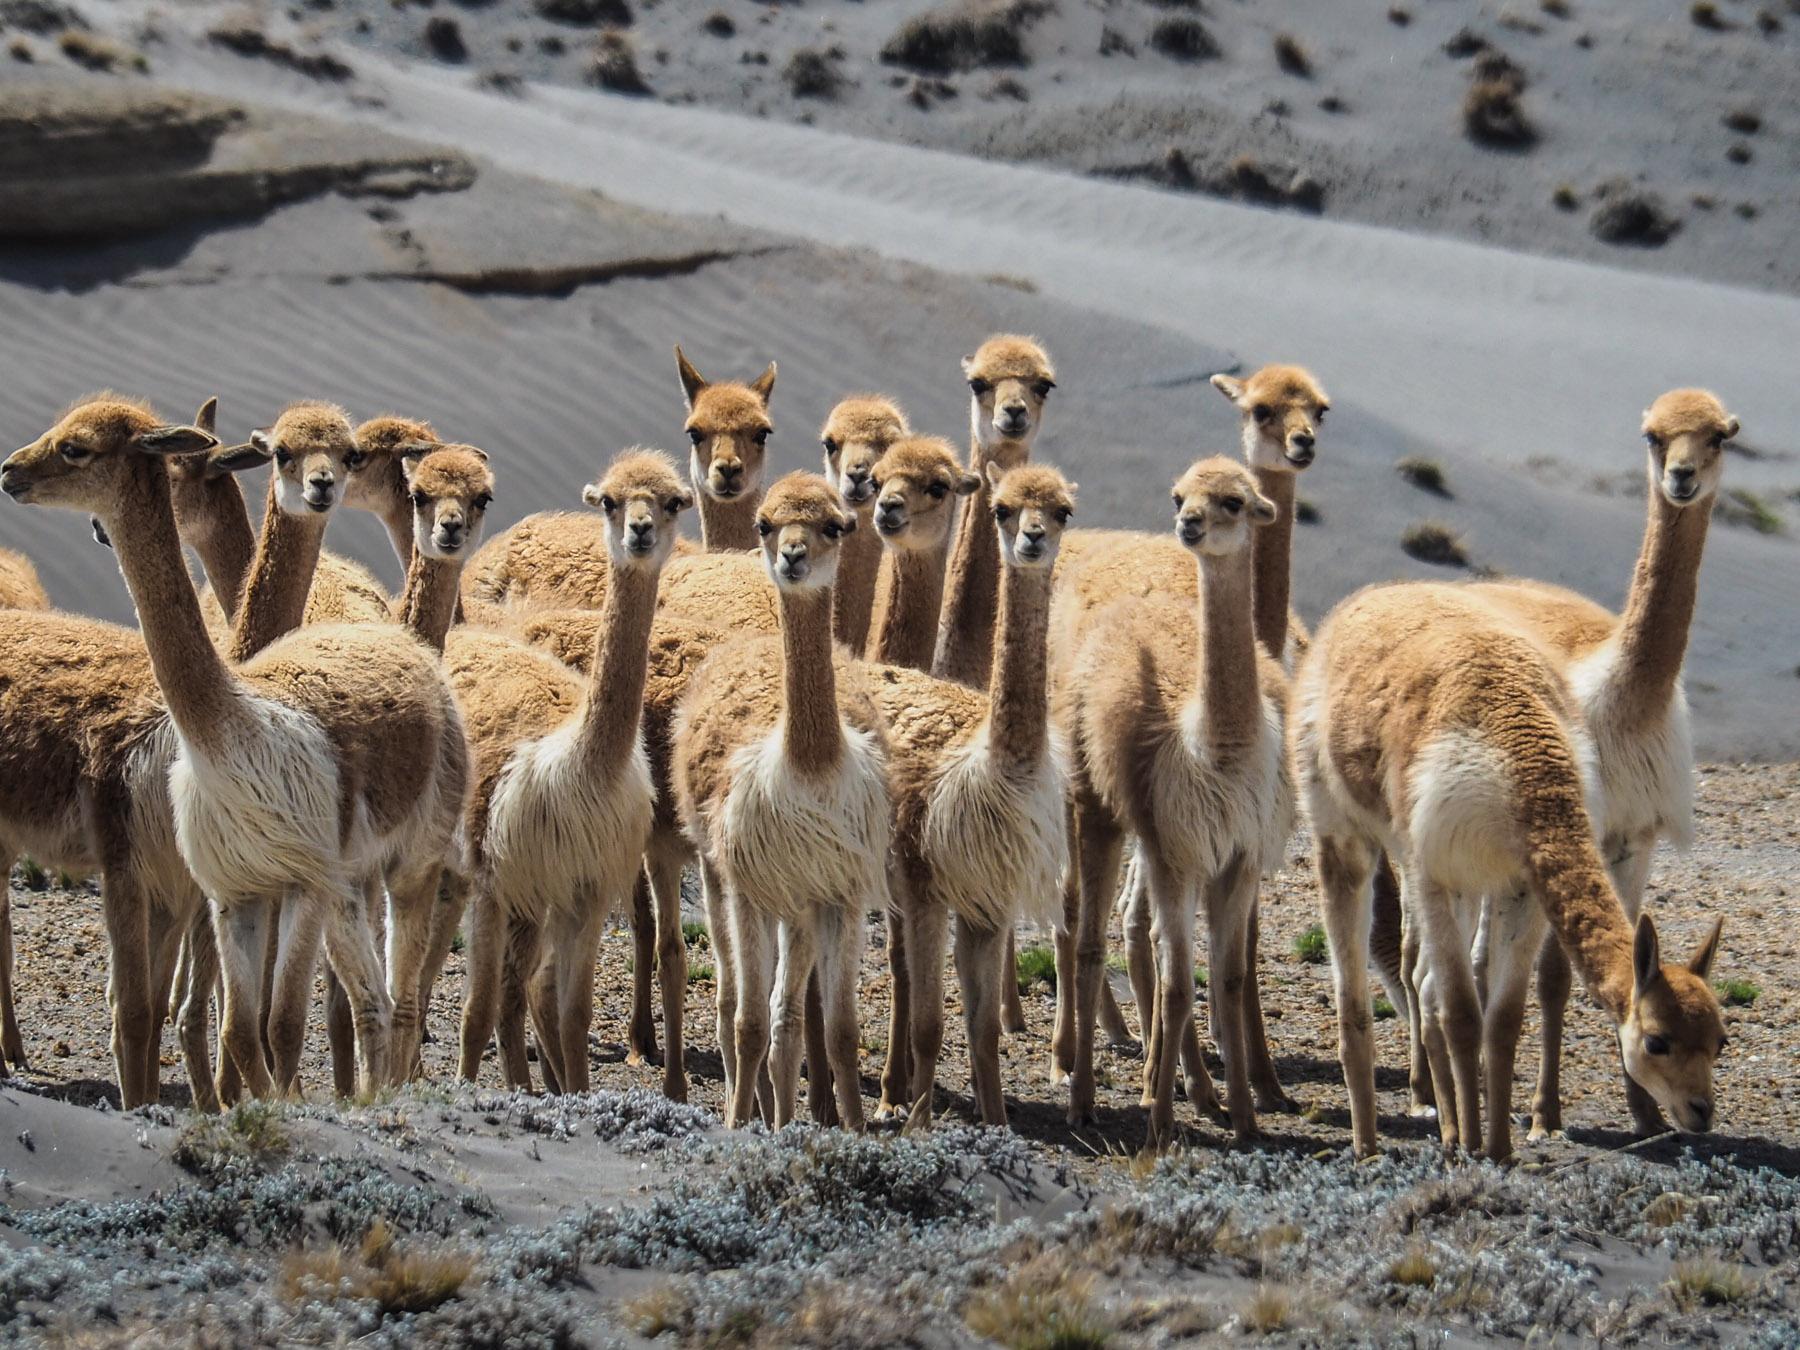 Wir entdecken eine große Herde Vikunjas